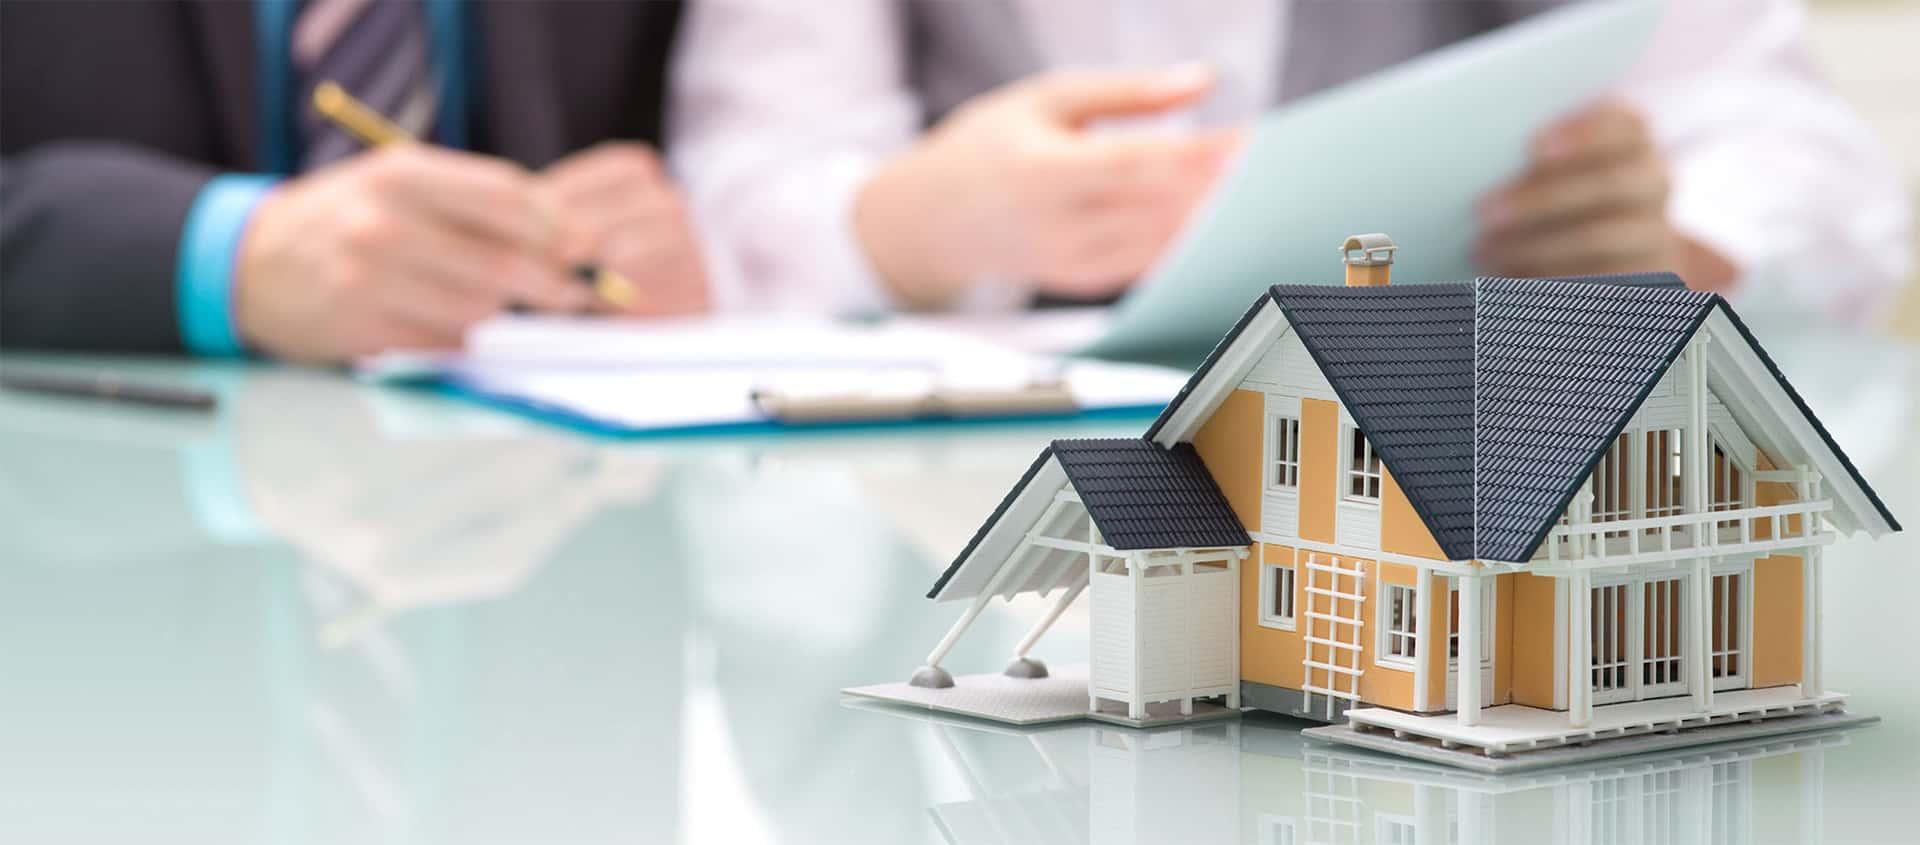 Ingatlanjogász, ügyvéd, ingatlan bérlés, ingatlan adásvétel